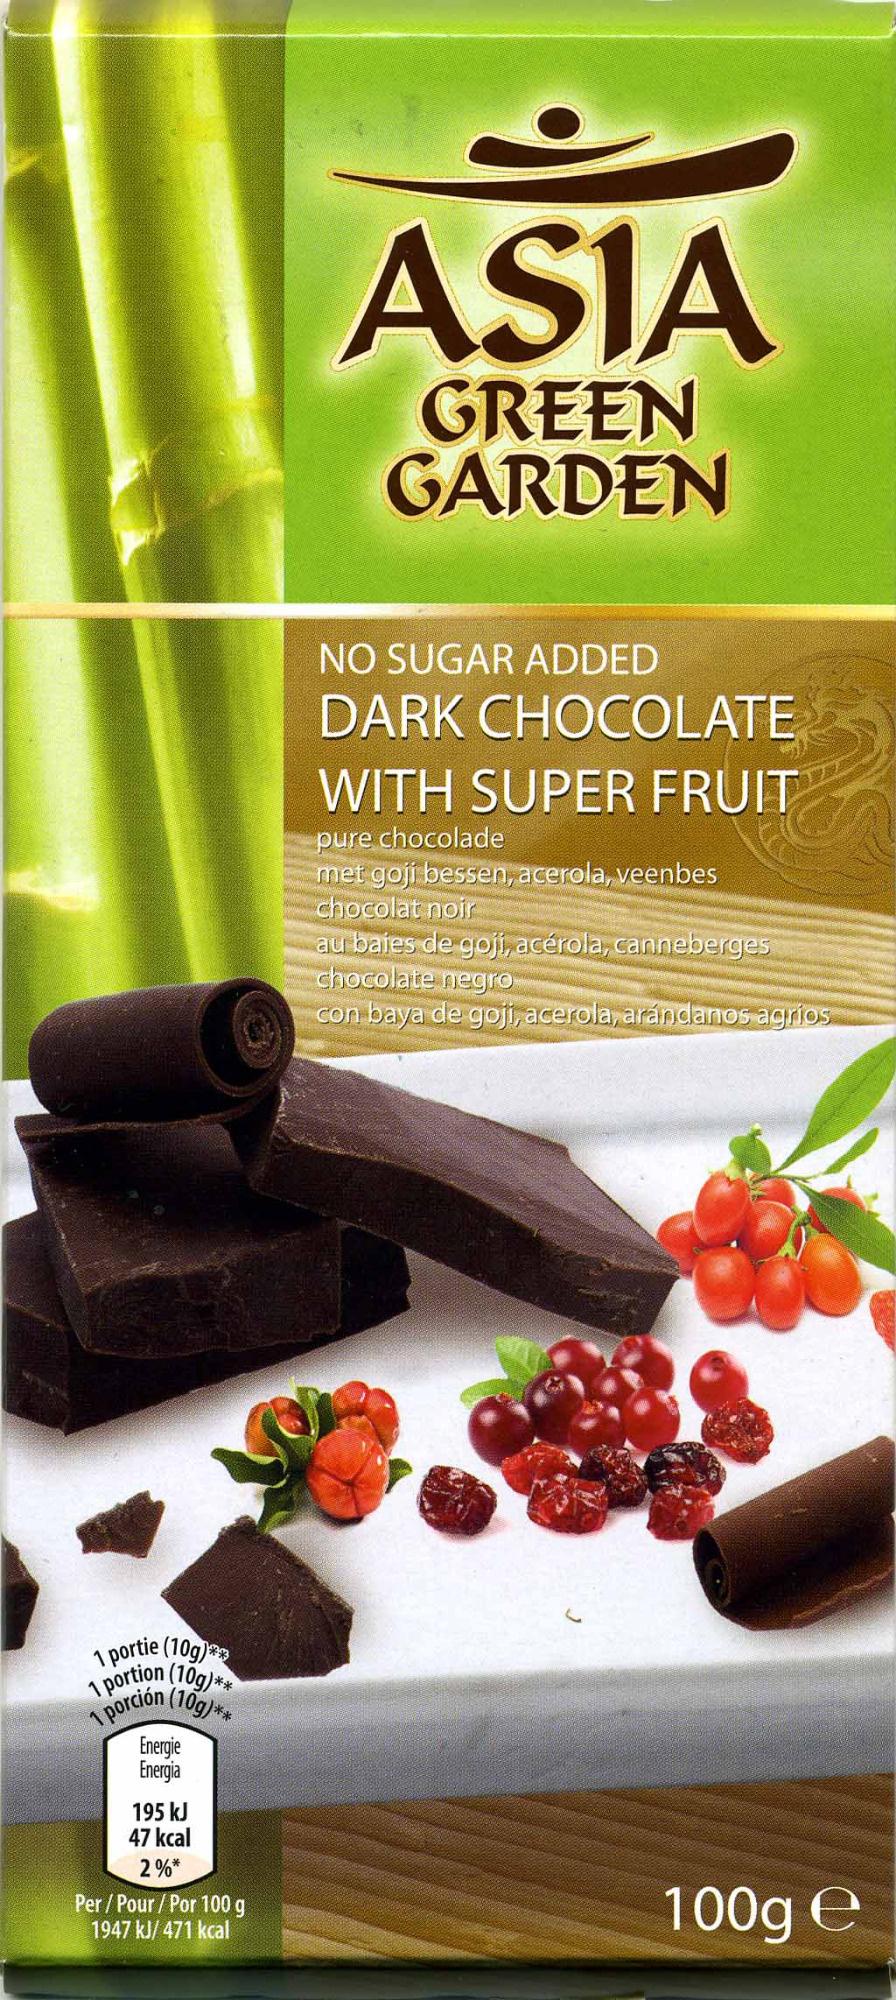 chocolate negro con edulcorantes y frutas 54% cacao Asia Green Garden